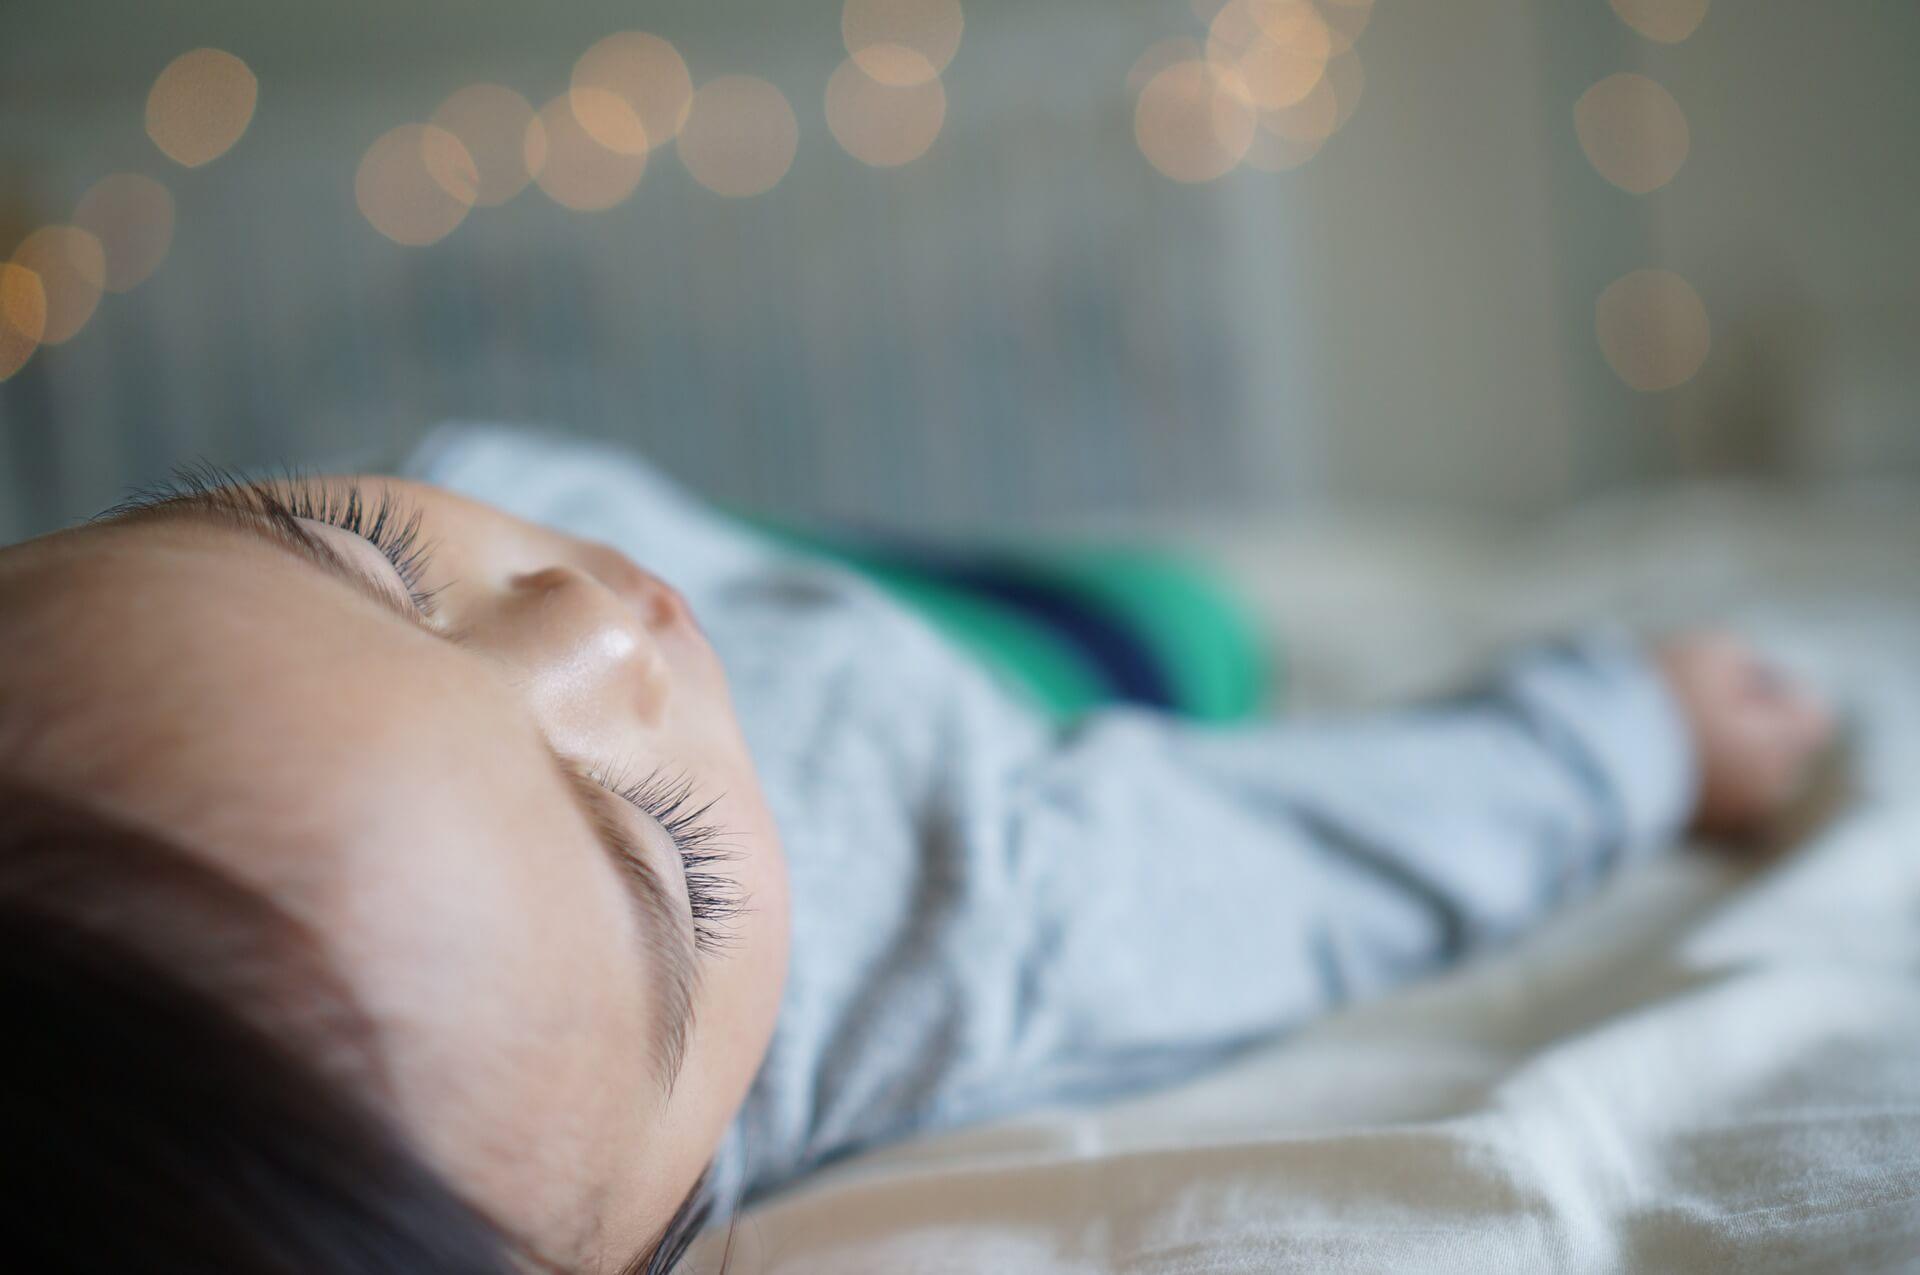 早寝早起き習慣のコツは運動量を増やすに限る